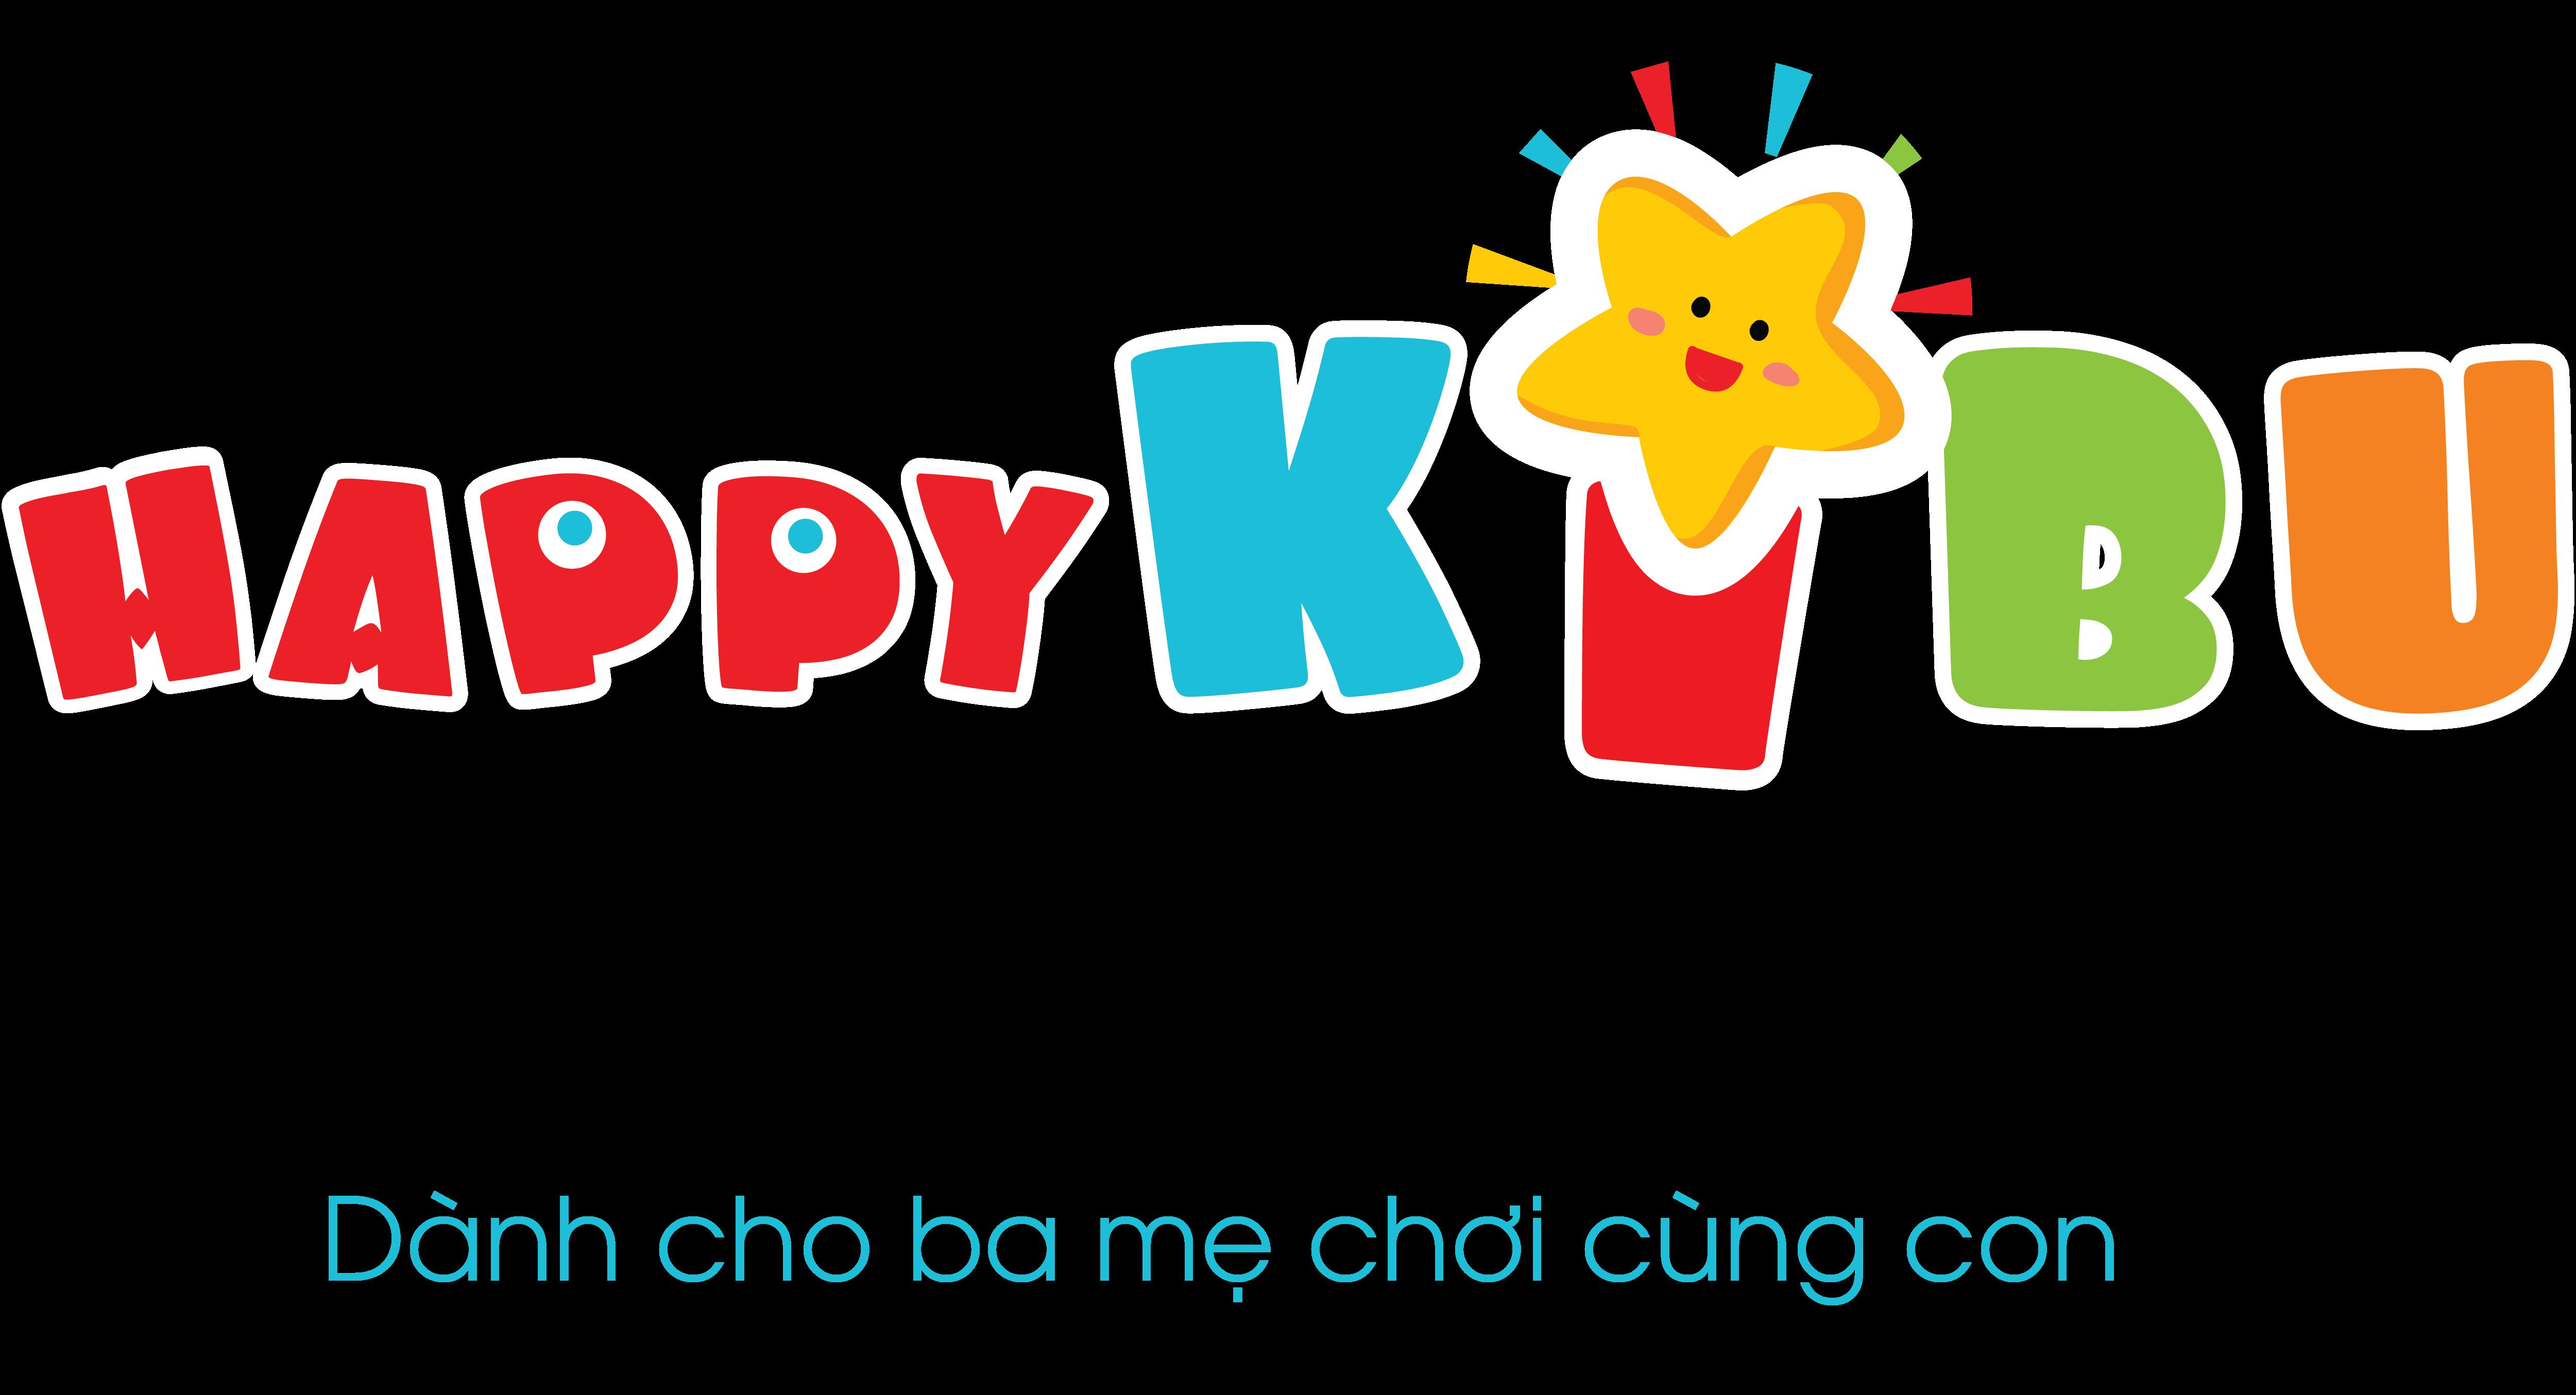 Đồ chơi Đa trí thông minh Happy KIBU